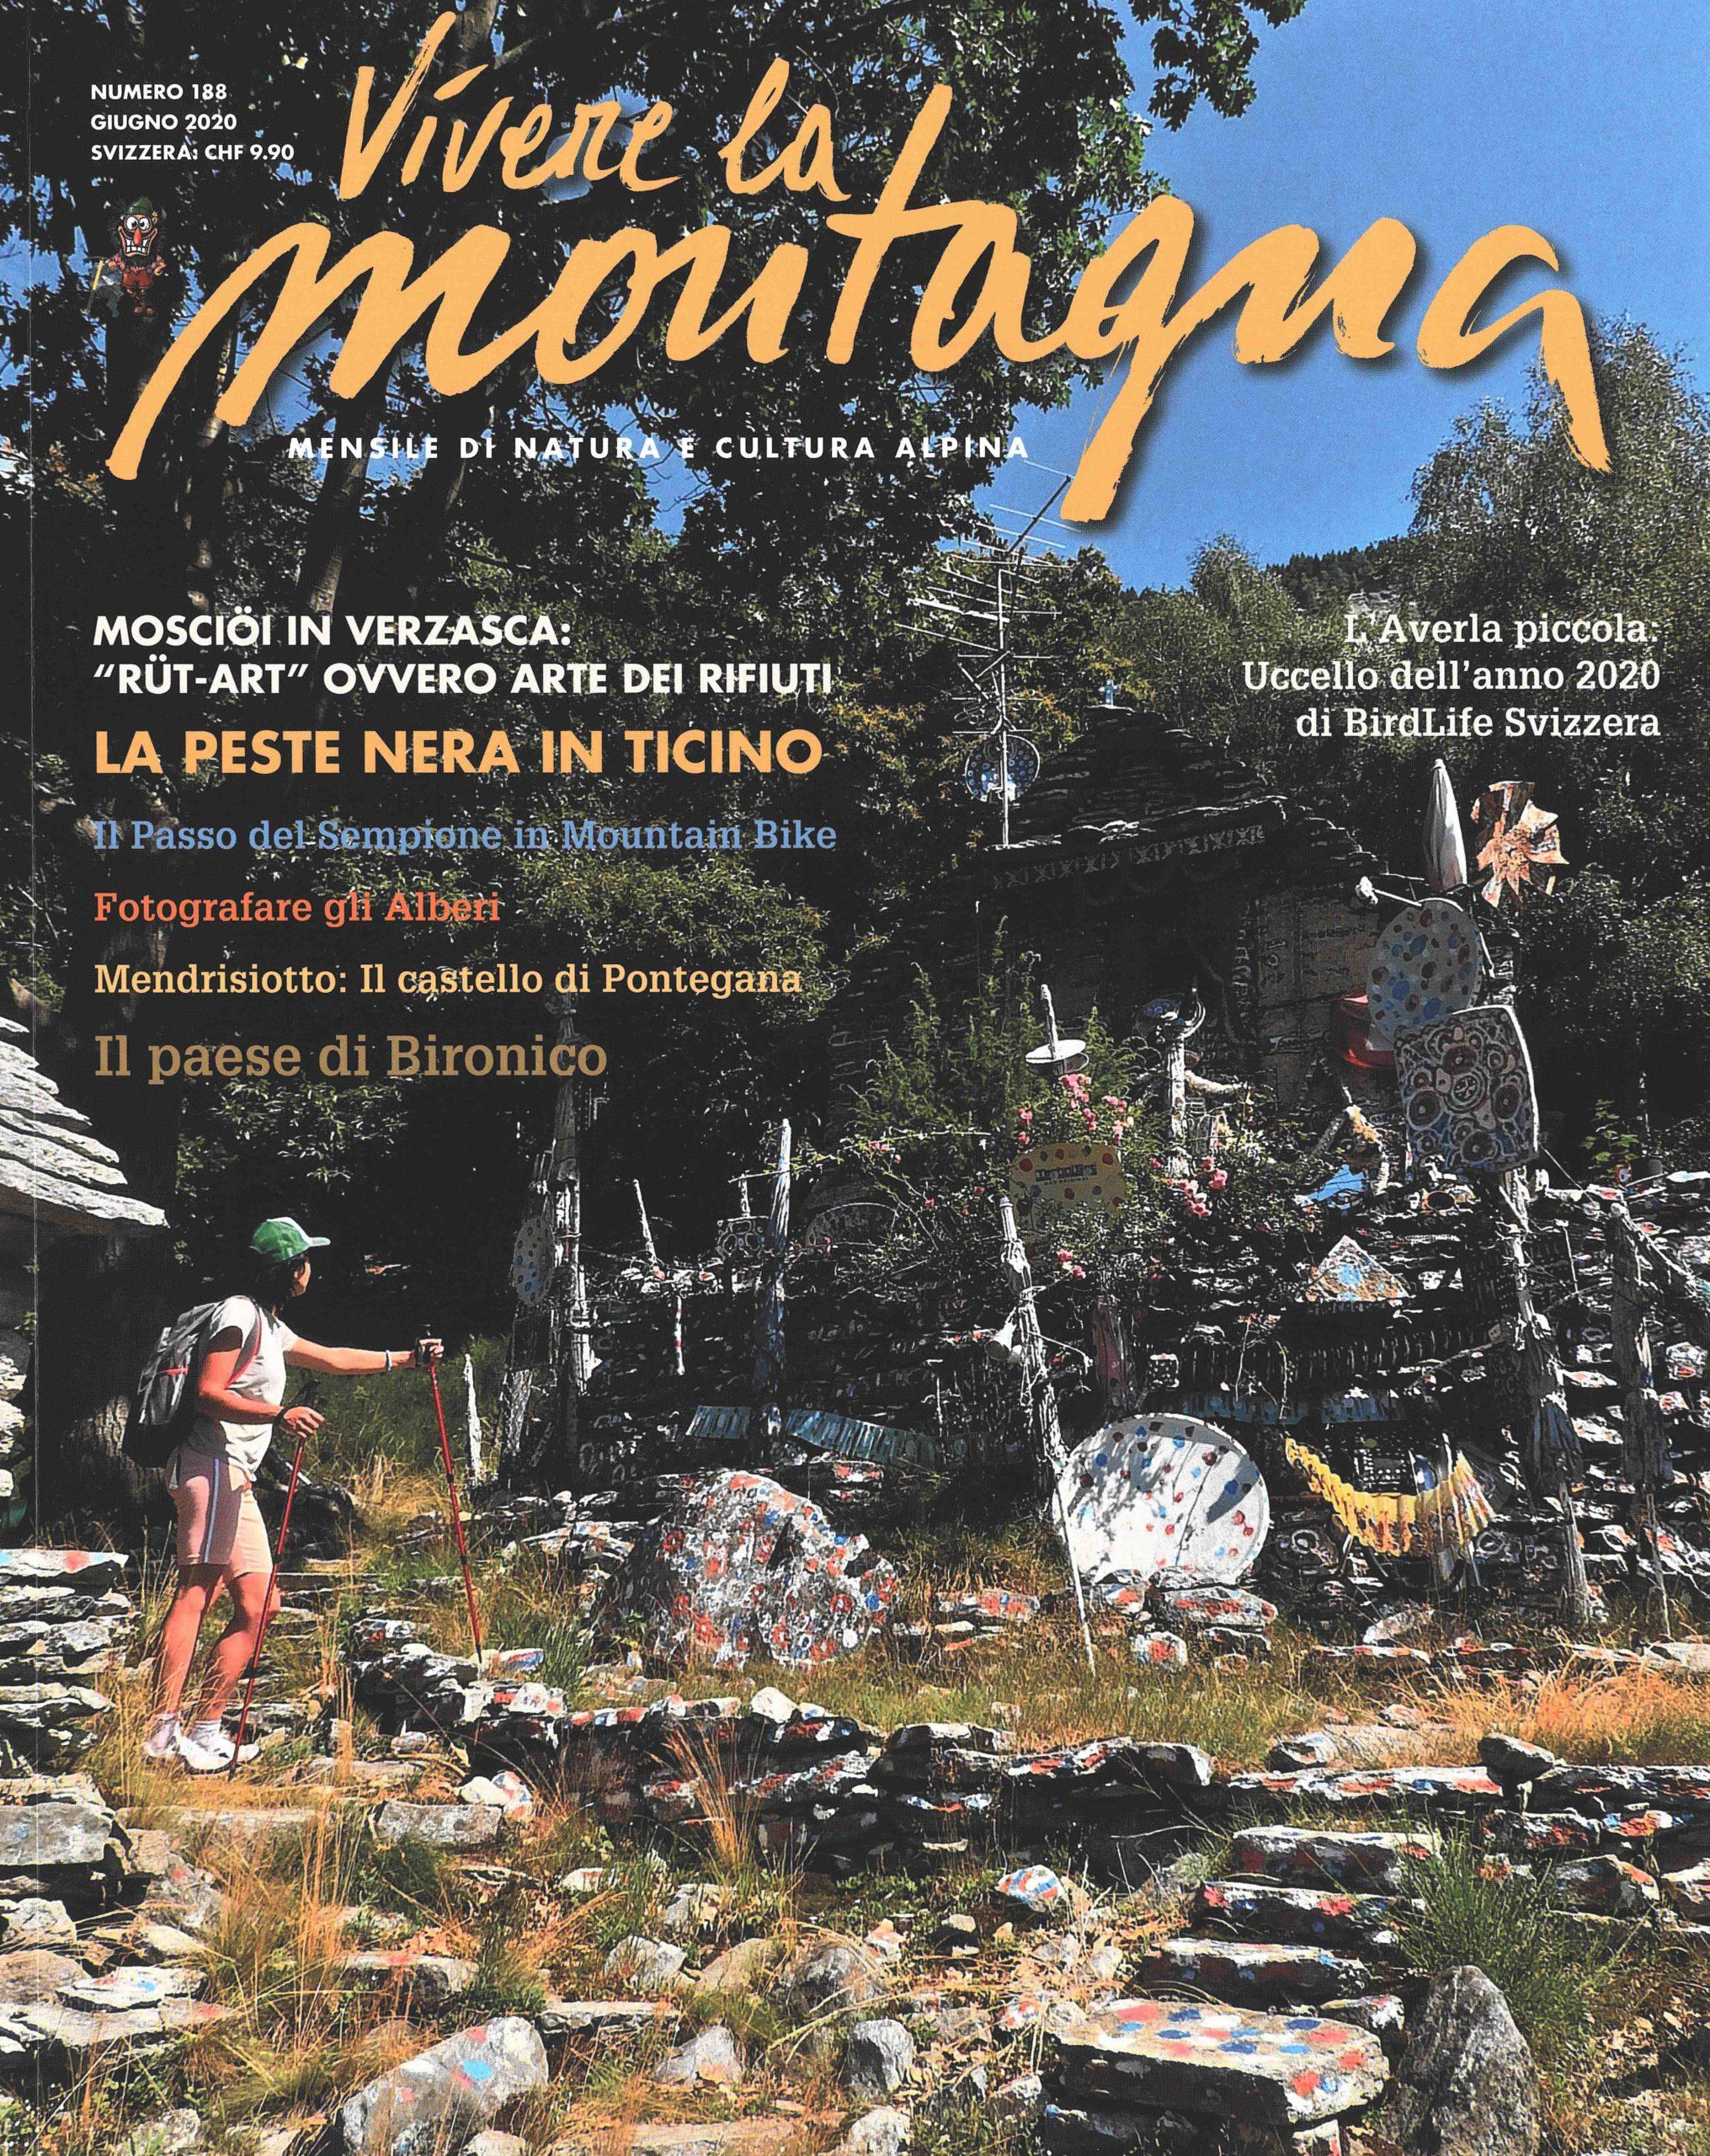 Vivere la montagna, 06.2020